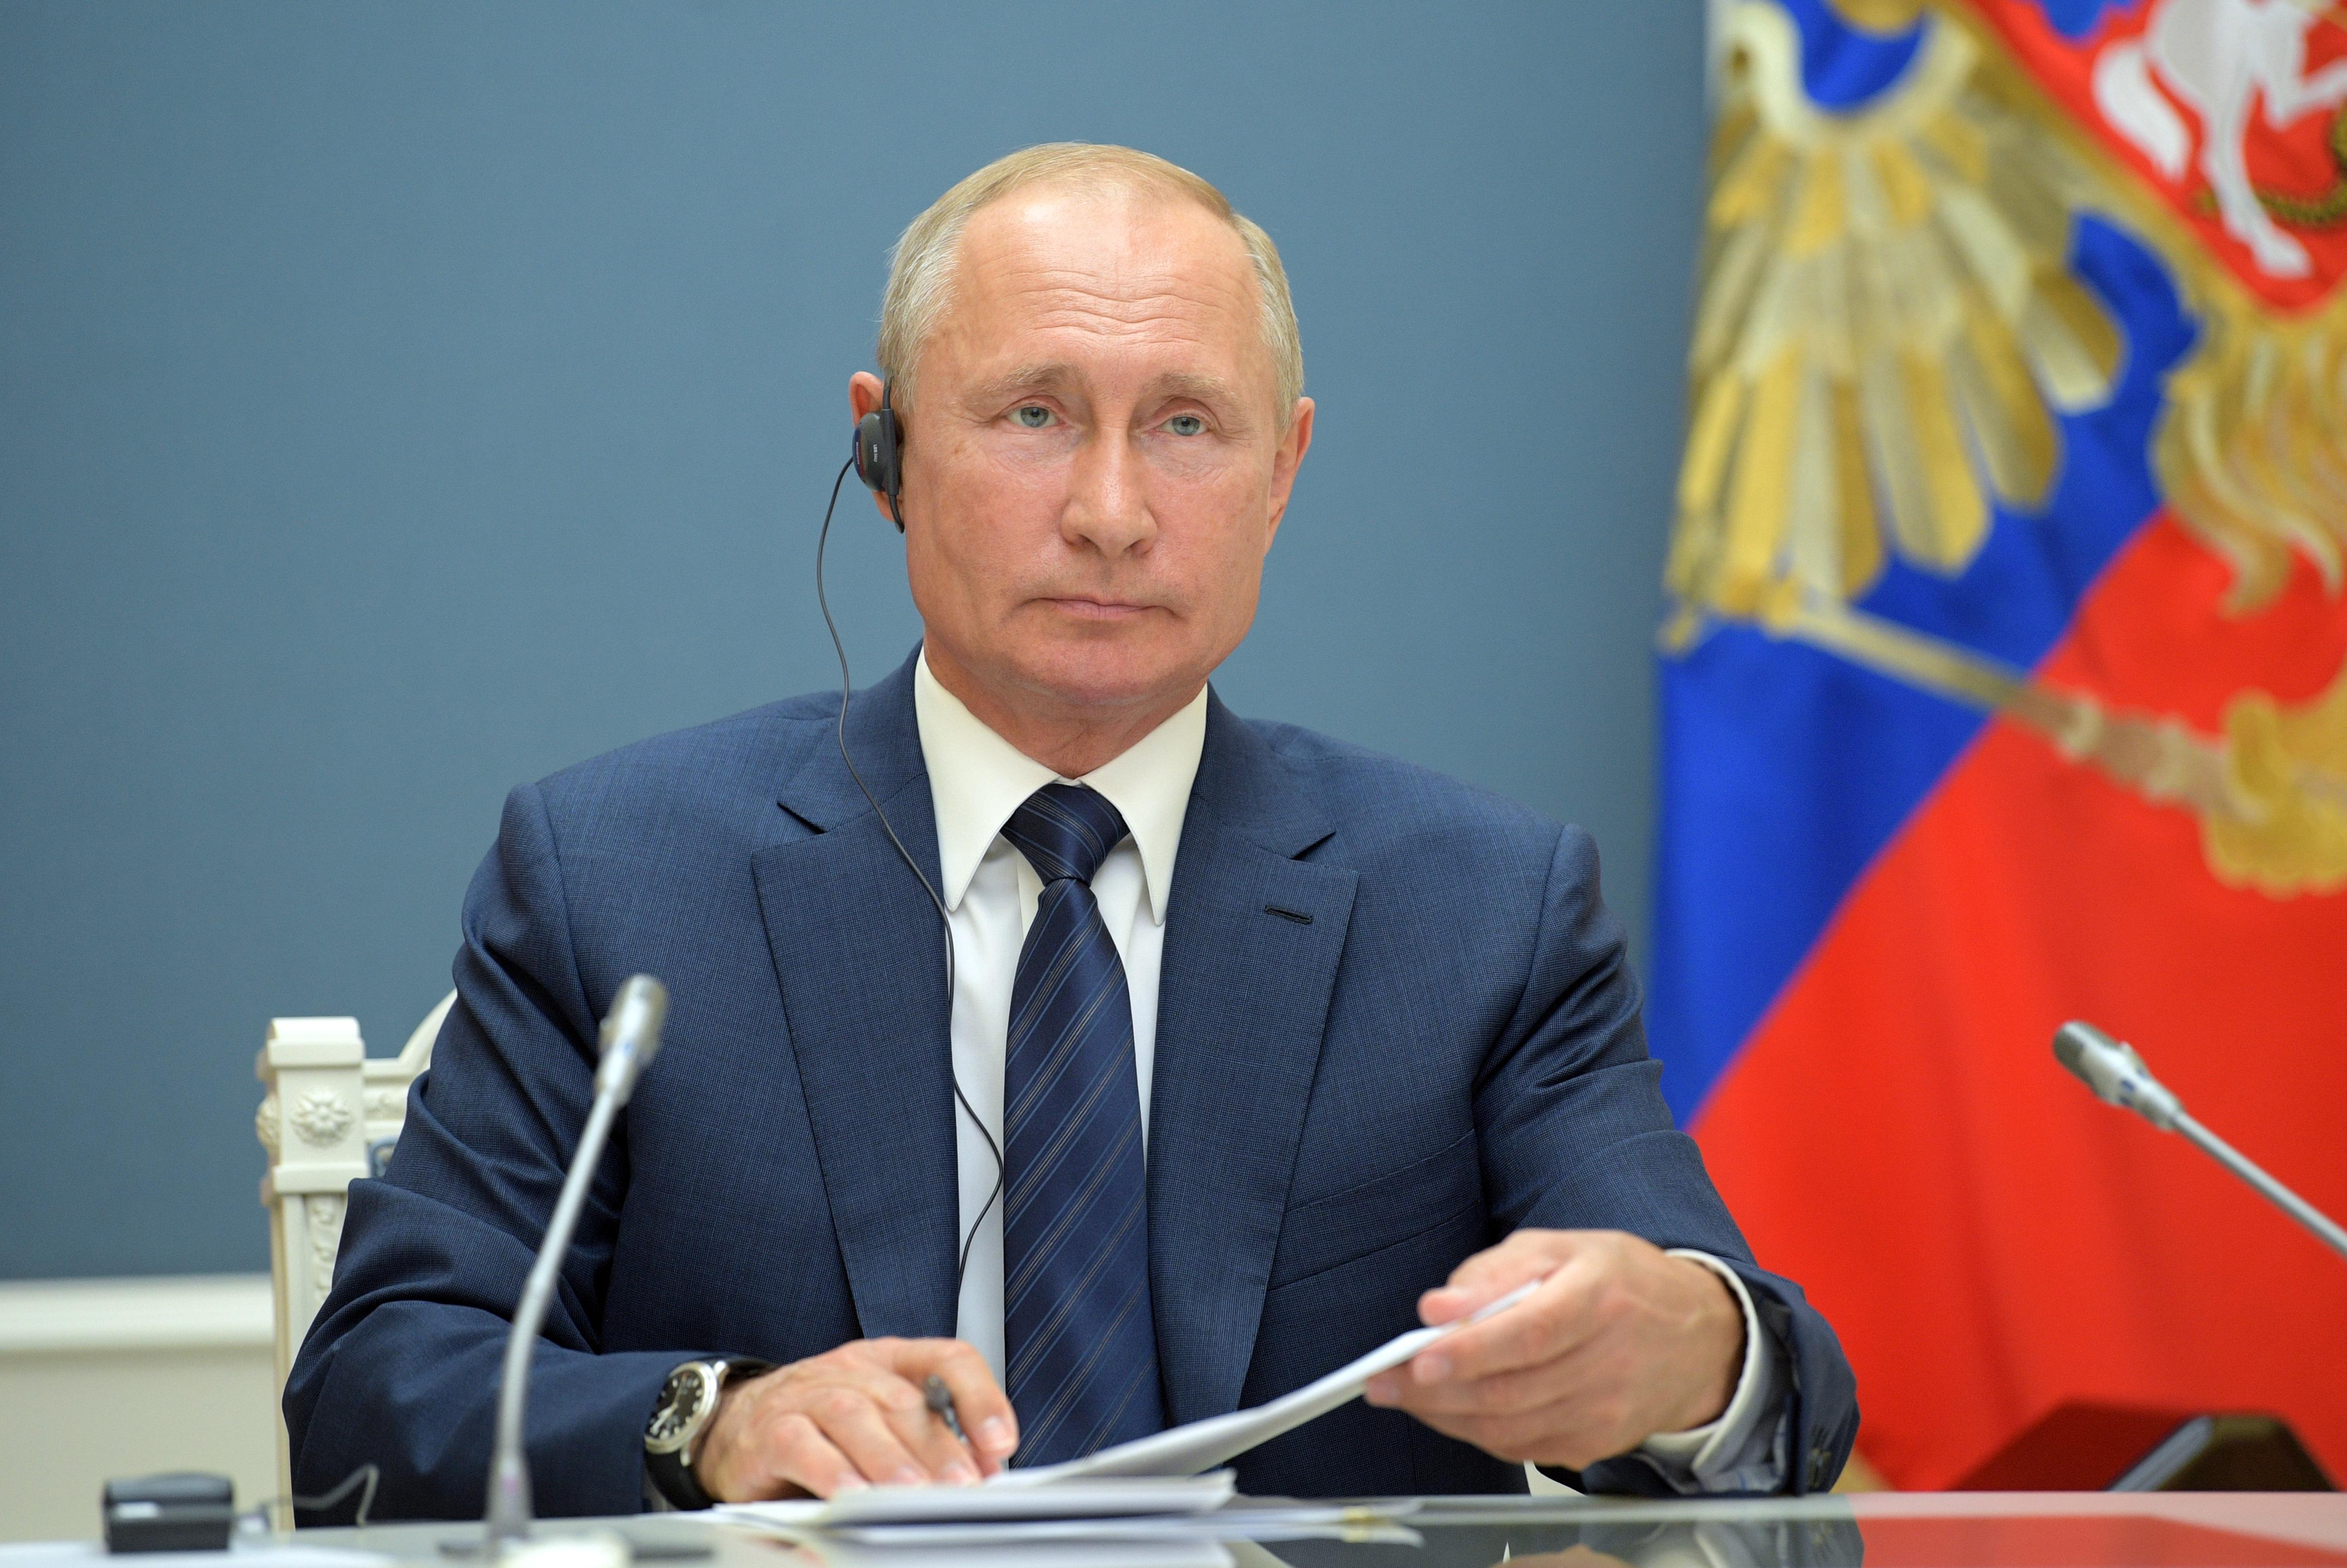 Een foto van Vladimir Poetin